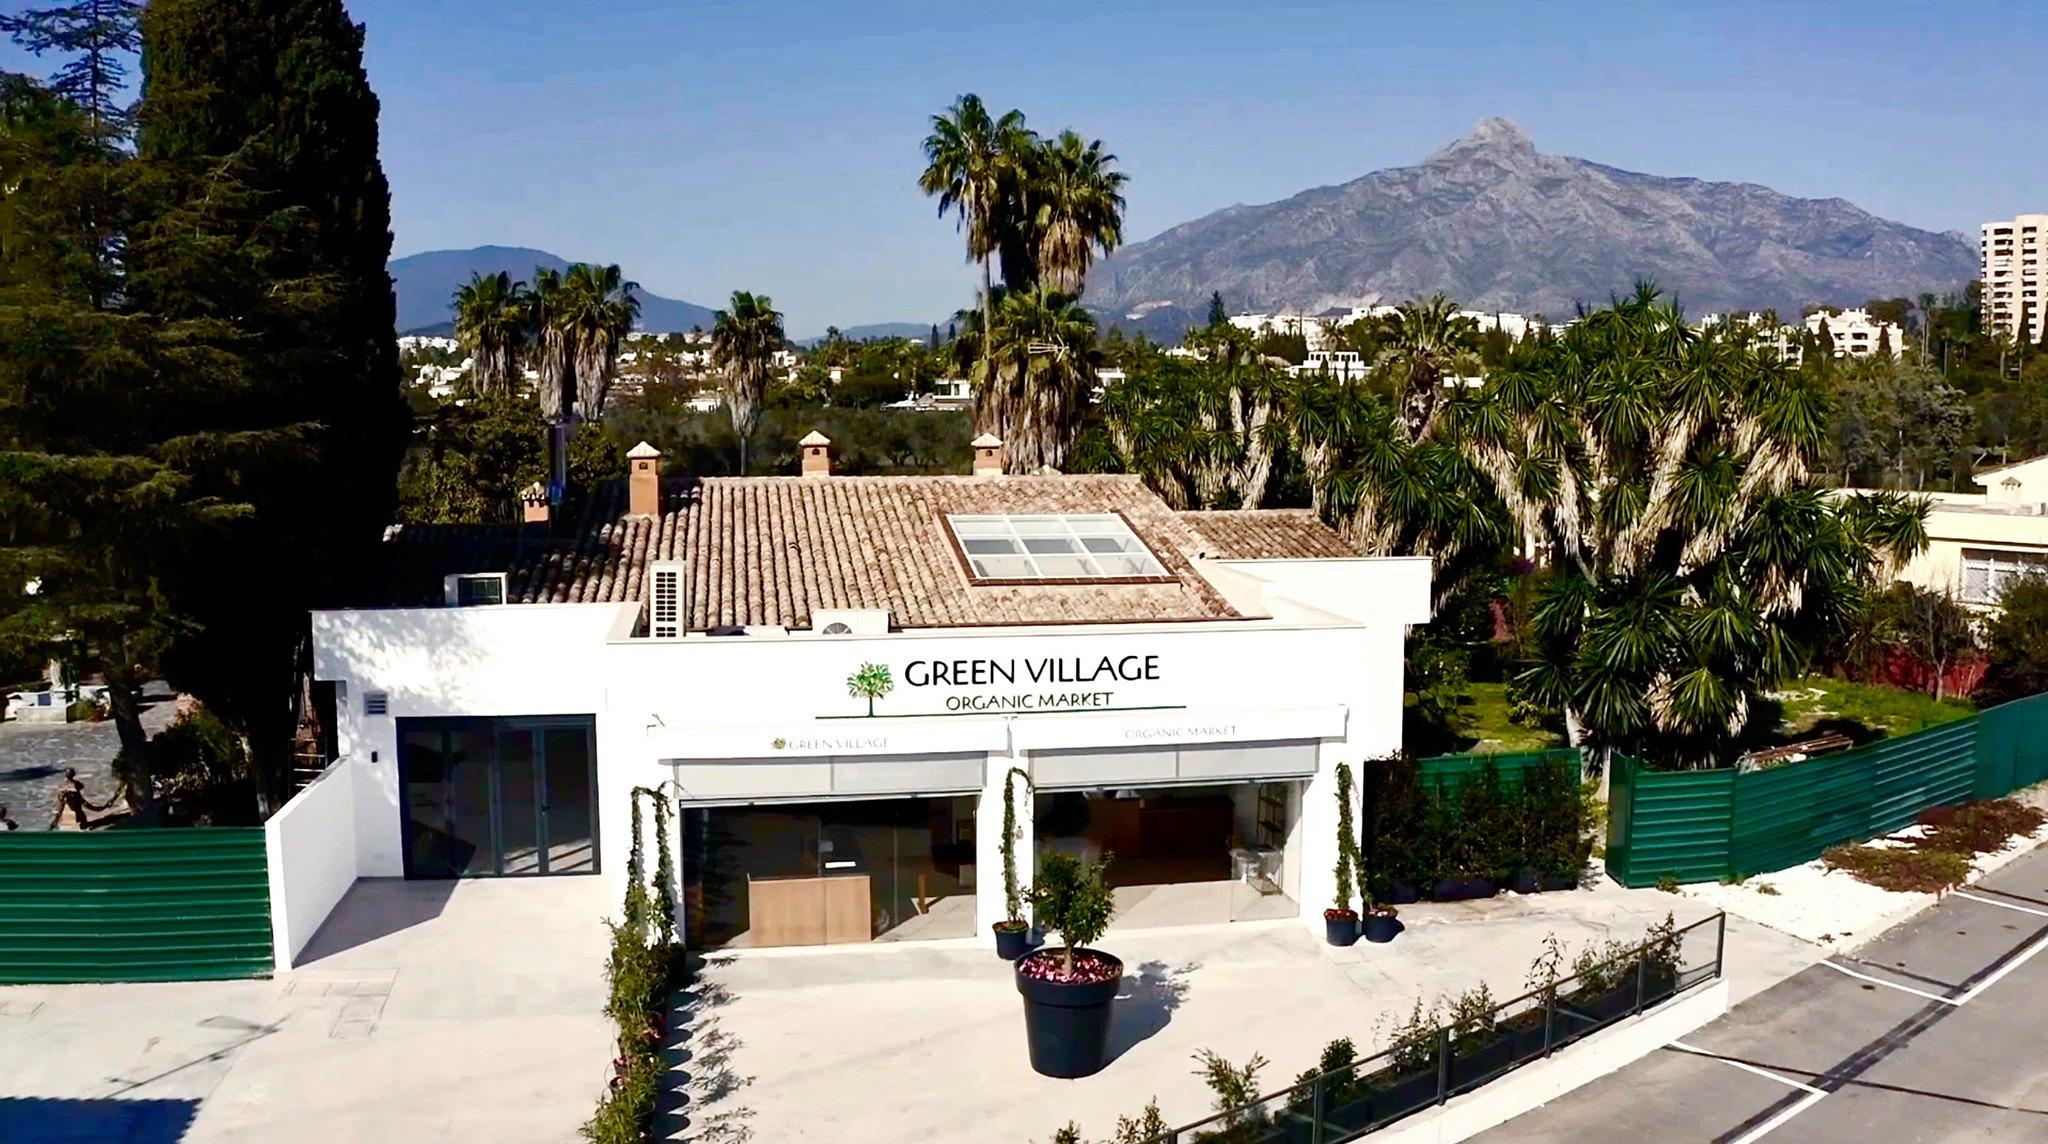 Green Village se convierte en el supermercado orgánico más grande de Marbella y alrededores